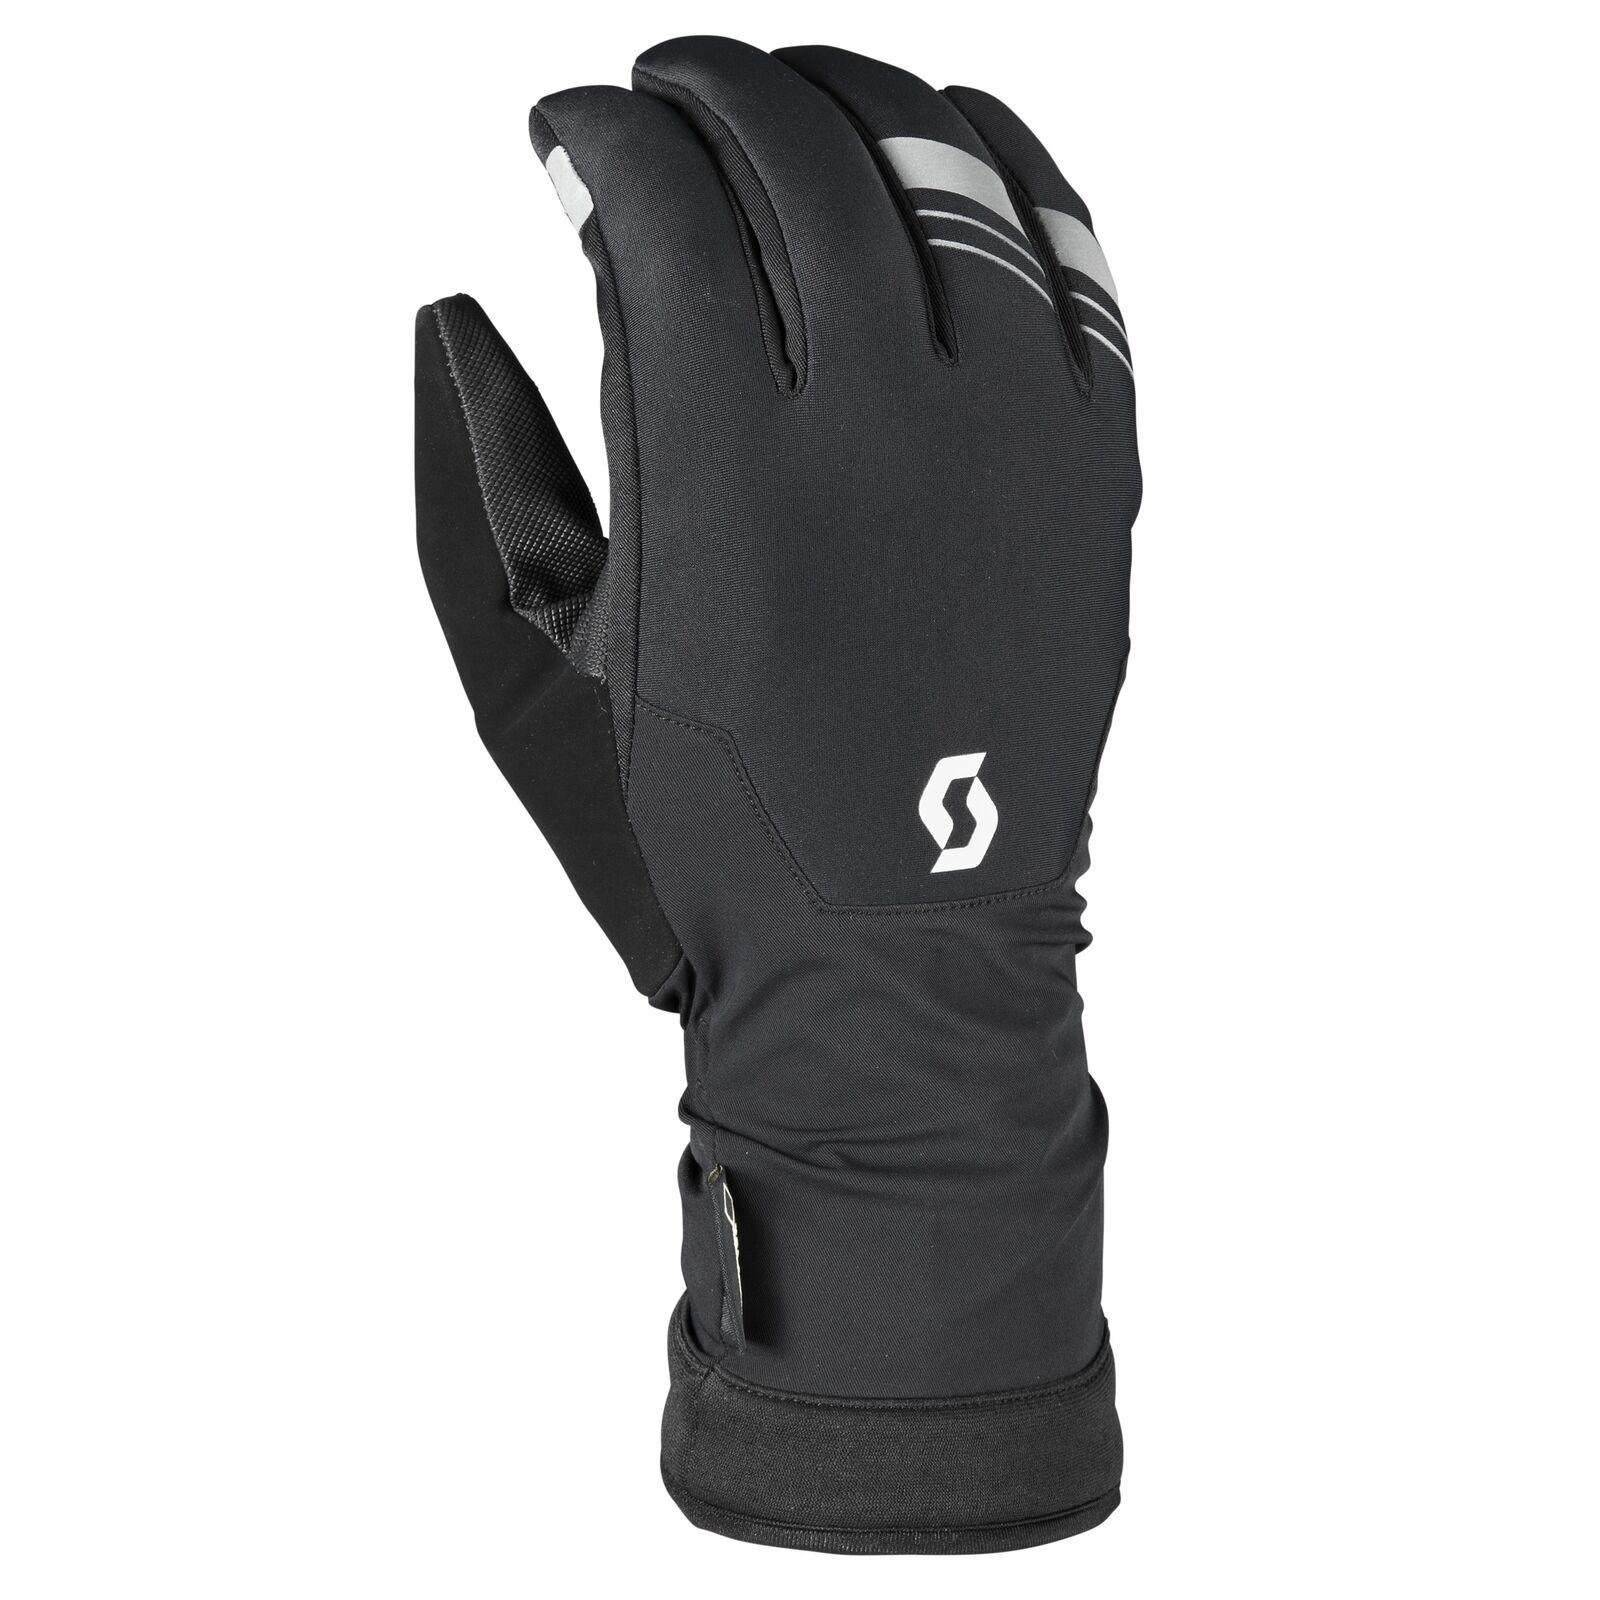 Scott GTX Aqua GTX Scott Fahrrad Handschuhe lang Wasserdicht schwarz 2019 9db5c2